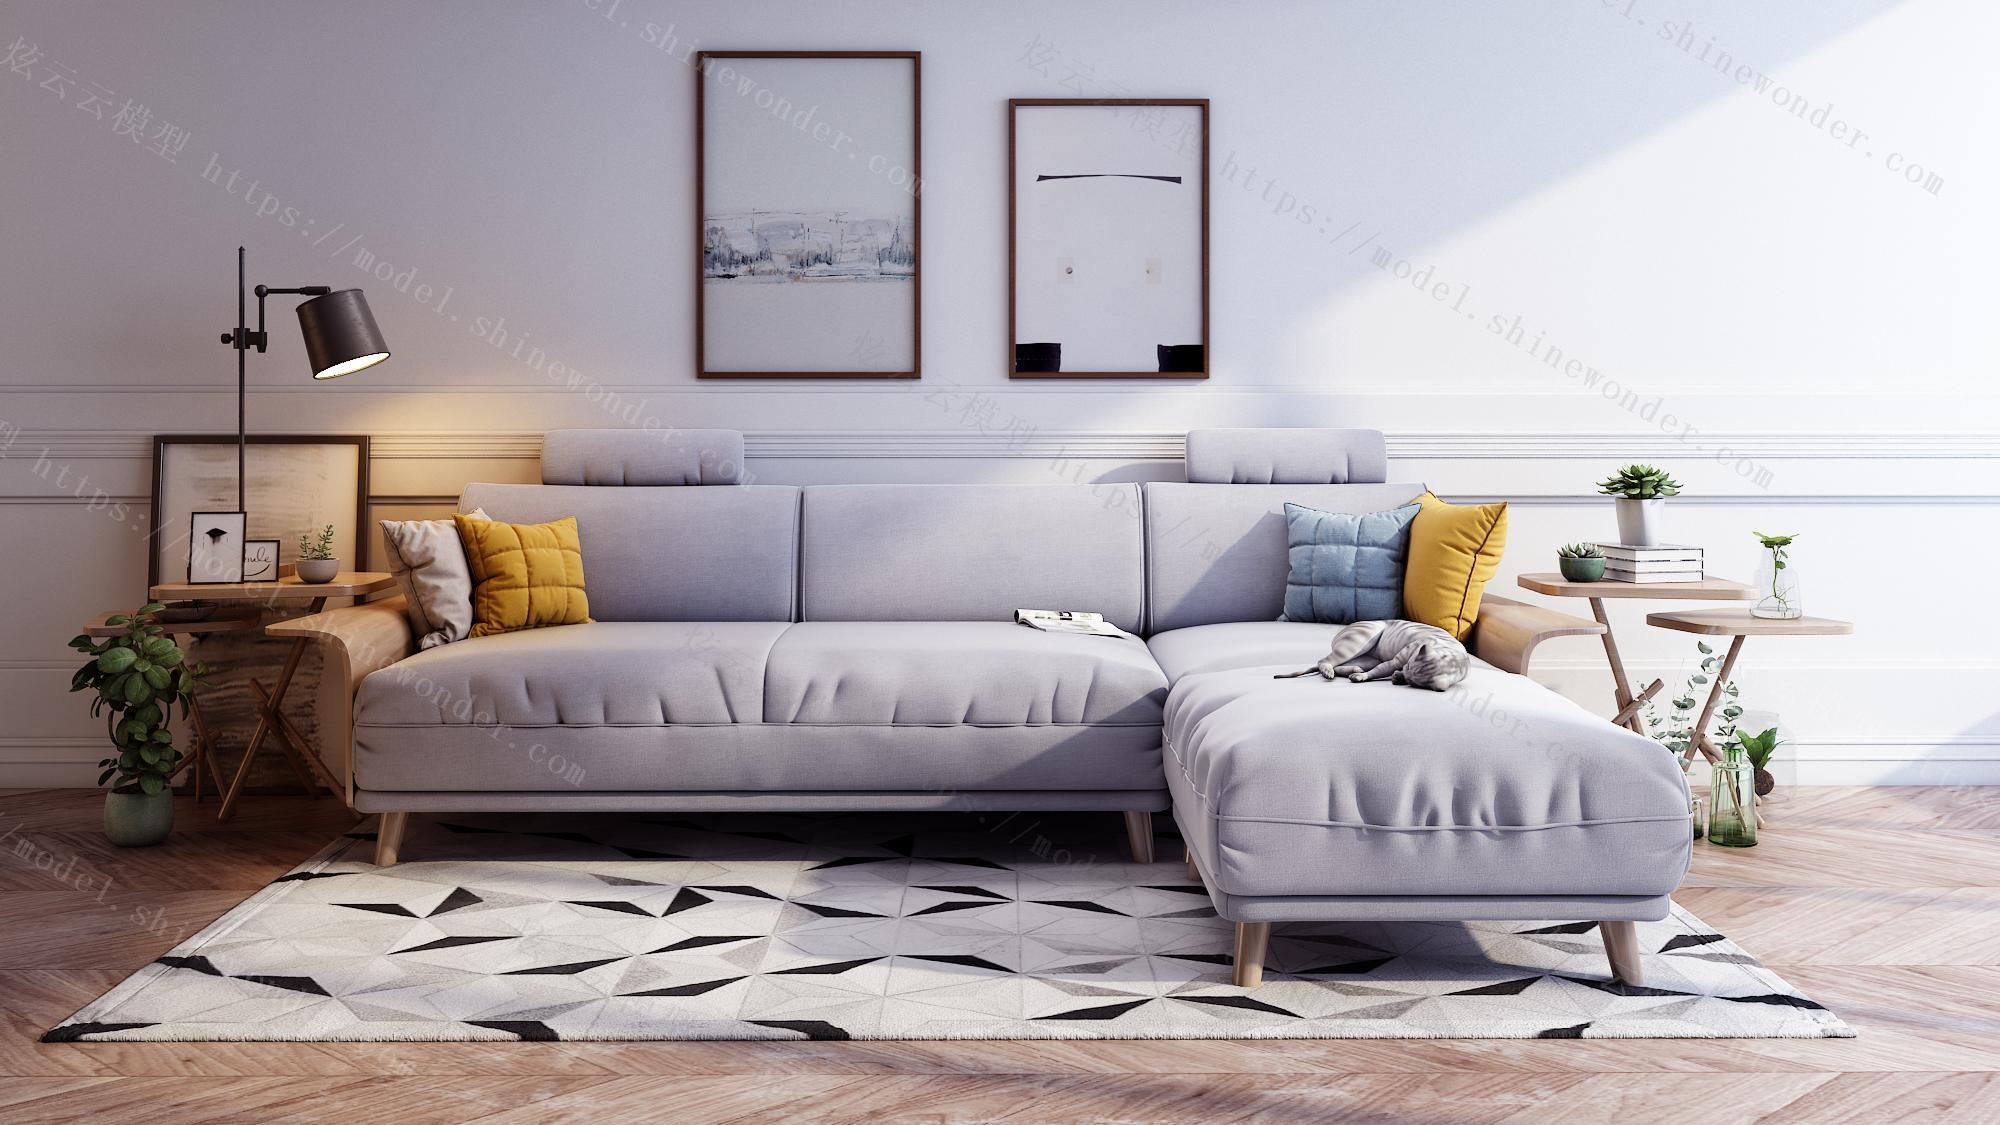 北欧风格布艺沙发组合客厅整装小户型三人位实木框沙发RAV1K灯光模型